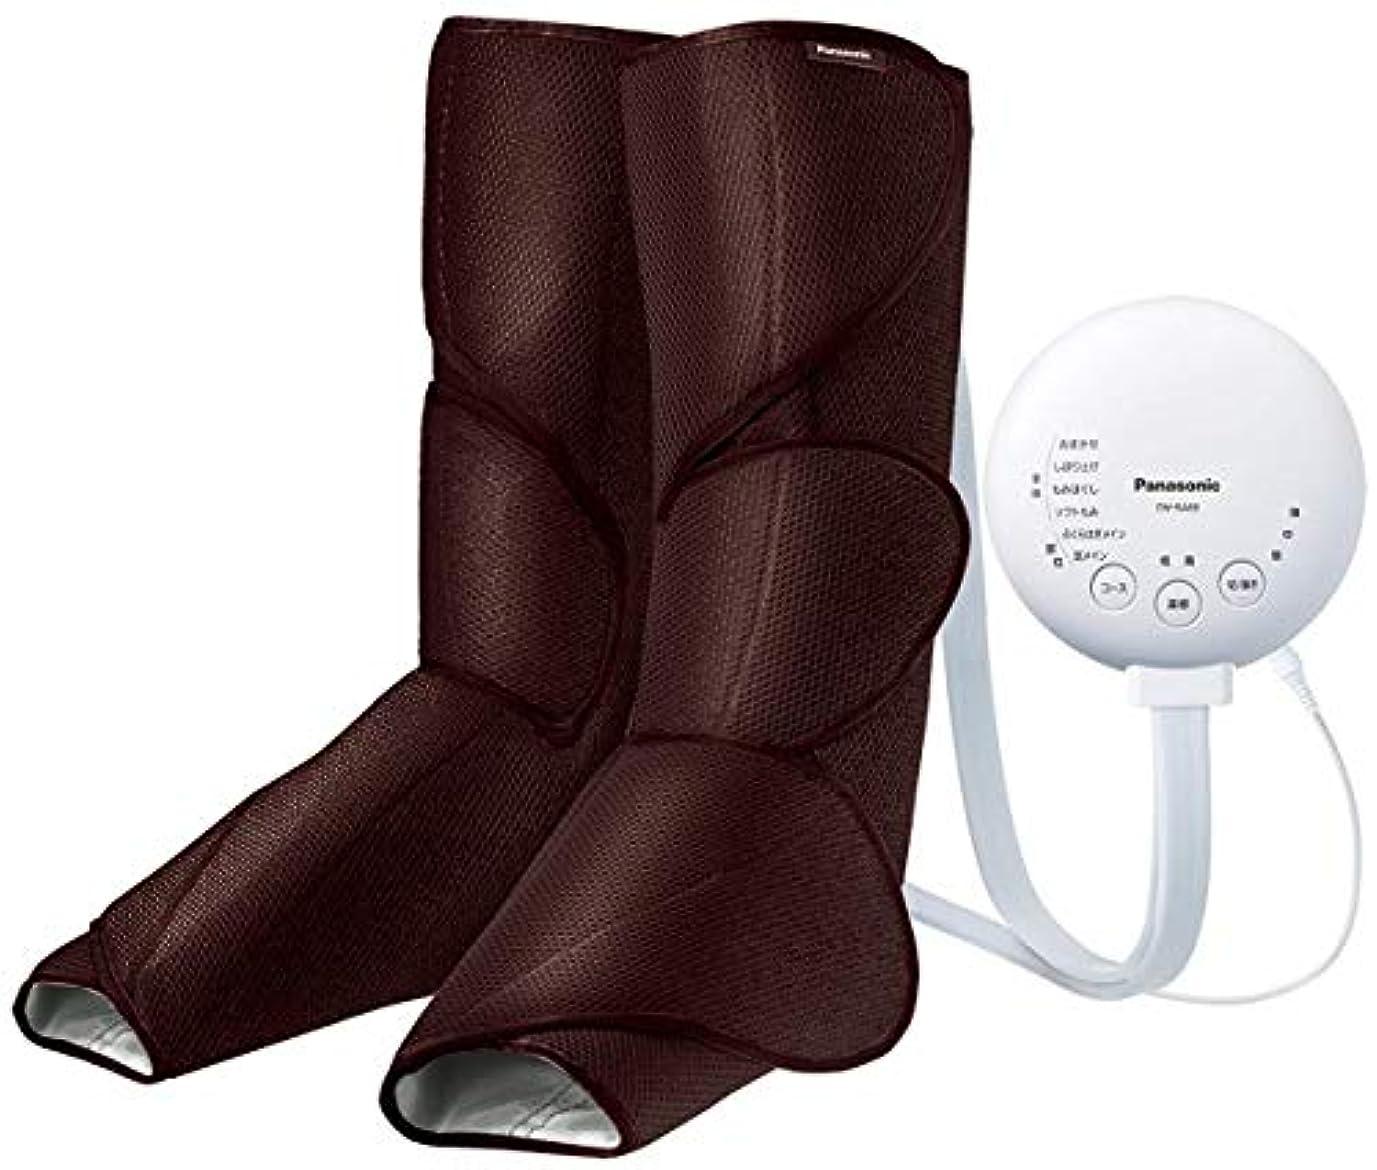 偉業アプローチ寝室パナソニック エアーマッサージャー レッグリフレ 温感機能搭載 ダークブラウン EW-RA88-T